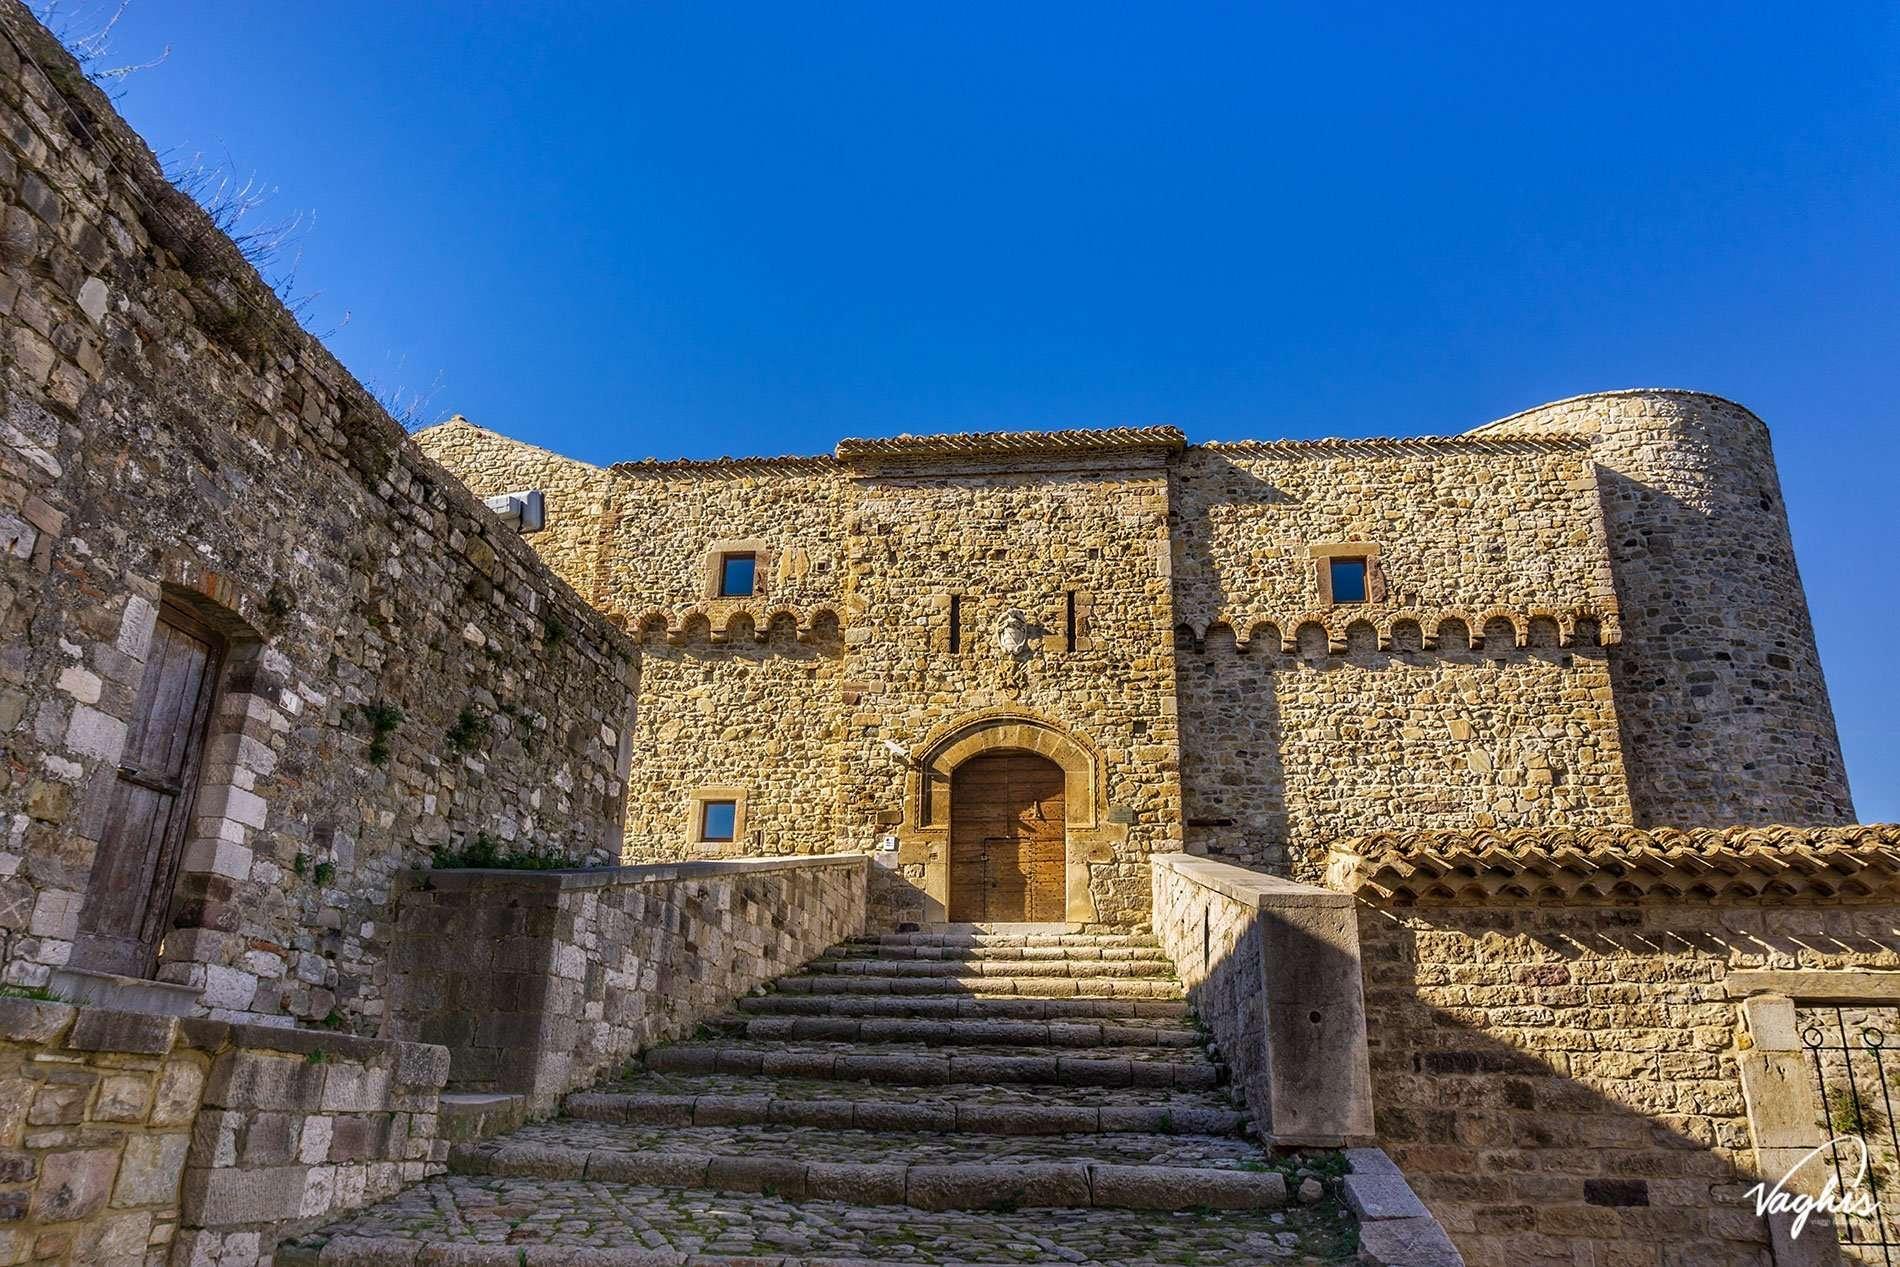 Castello di Civitacampomarano - © Vaghis - Viaggi & turismo Italia - Tutti i diritti riservati